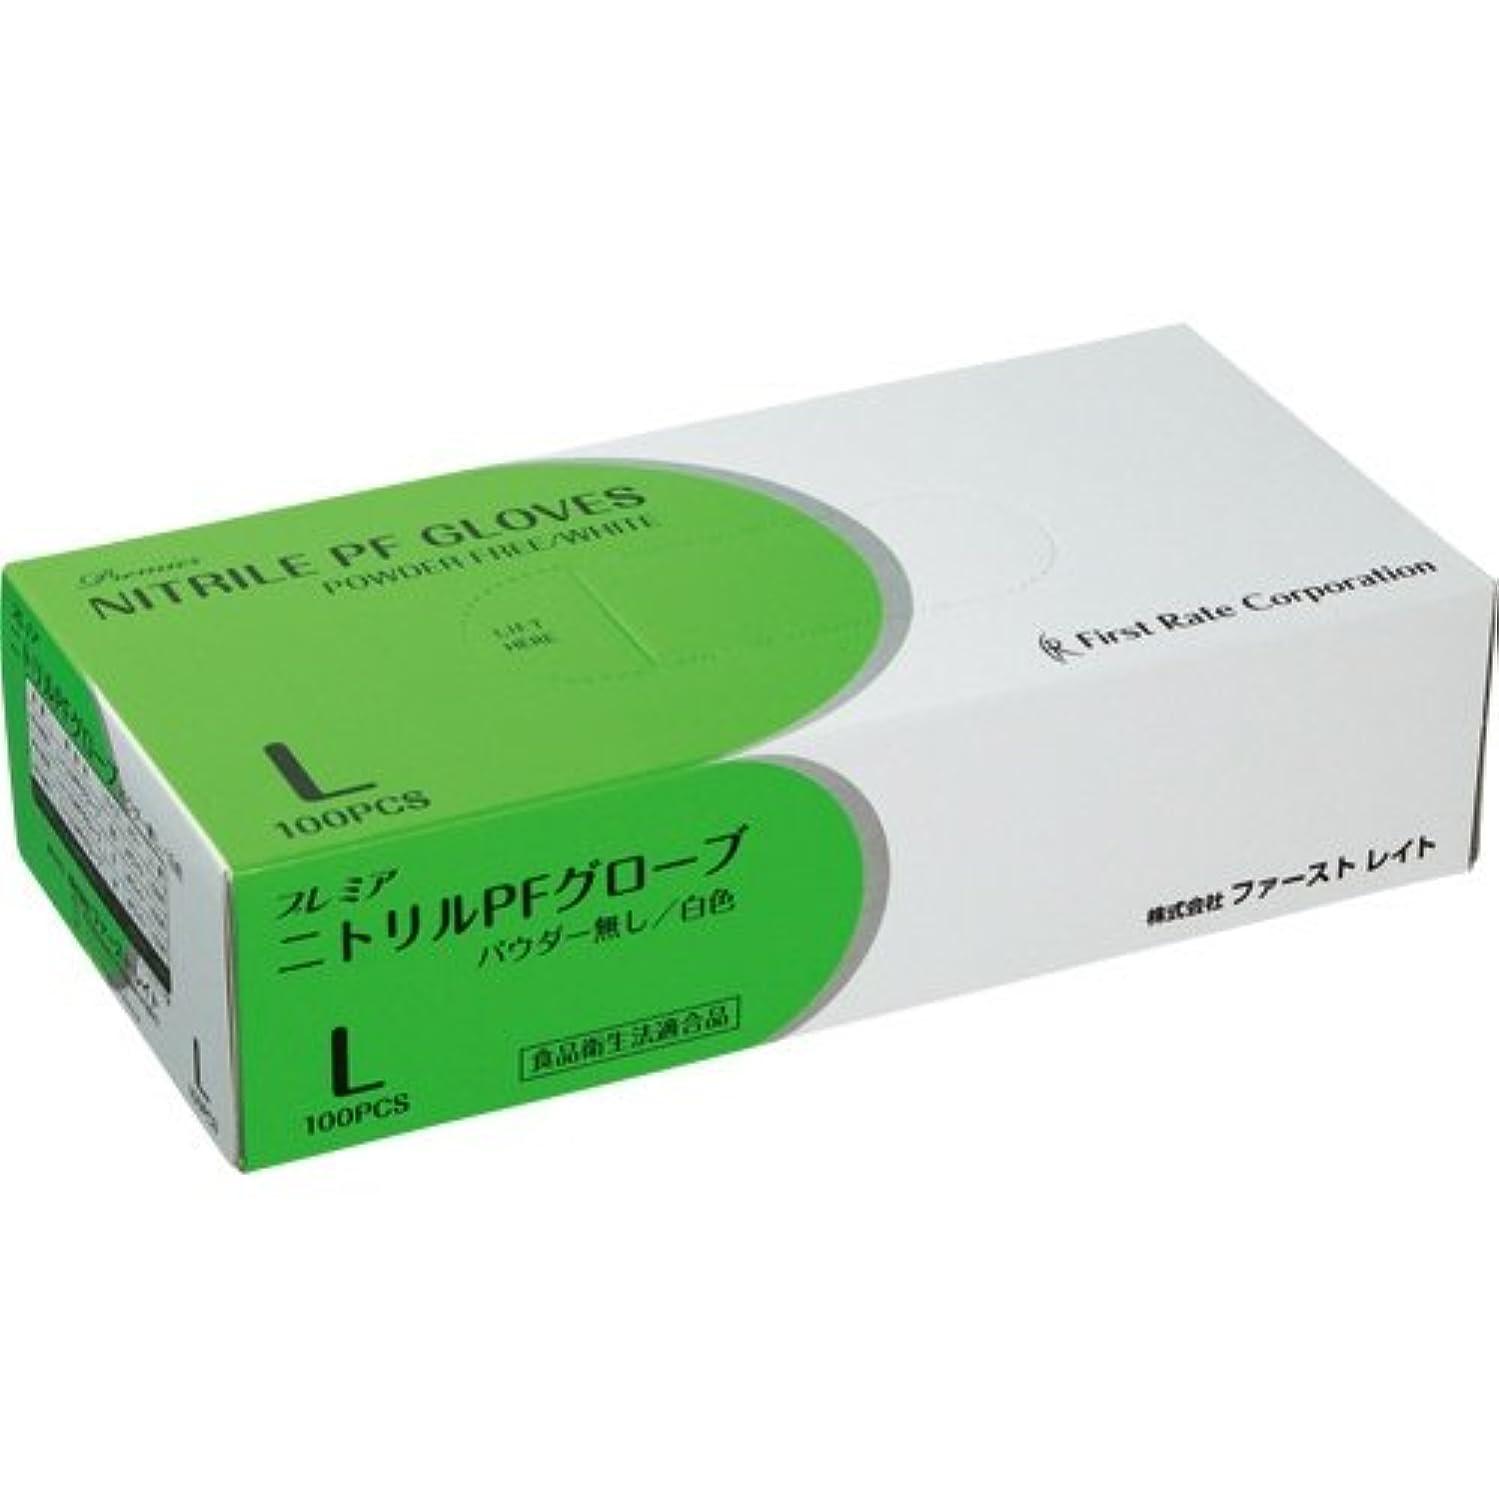 緊急影響布ファーストレイト プレミアニトリルPFグローブ パウダーフリー ホワイト L FR-858 1セット(1000枚:100枚×10箱)